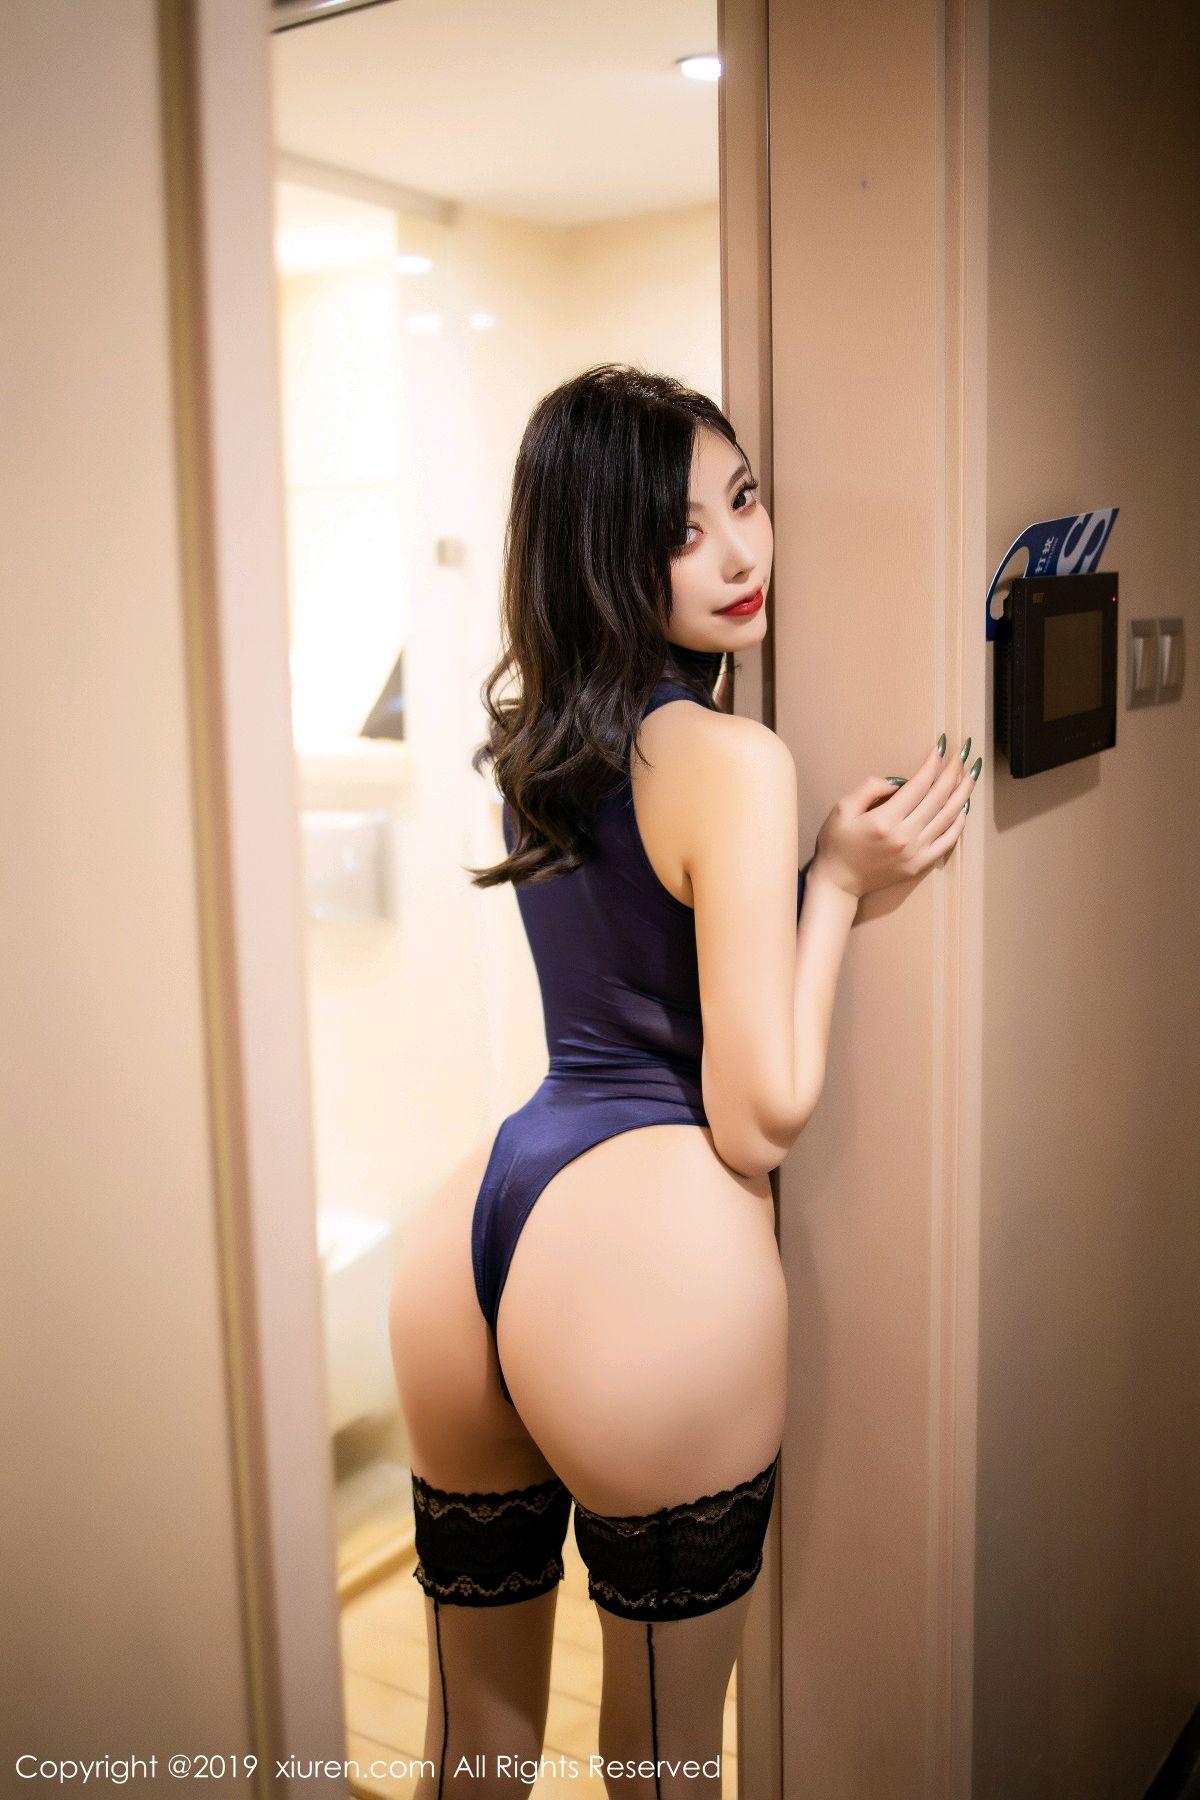 [XiuRen] Vol.1797 Yang Chen Chen 22P, Adult, Bathroom, Wet, Xiuren, Yang Chen Chen